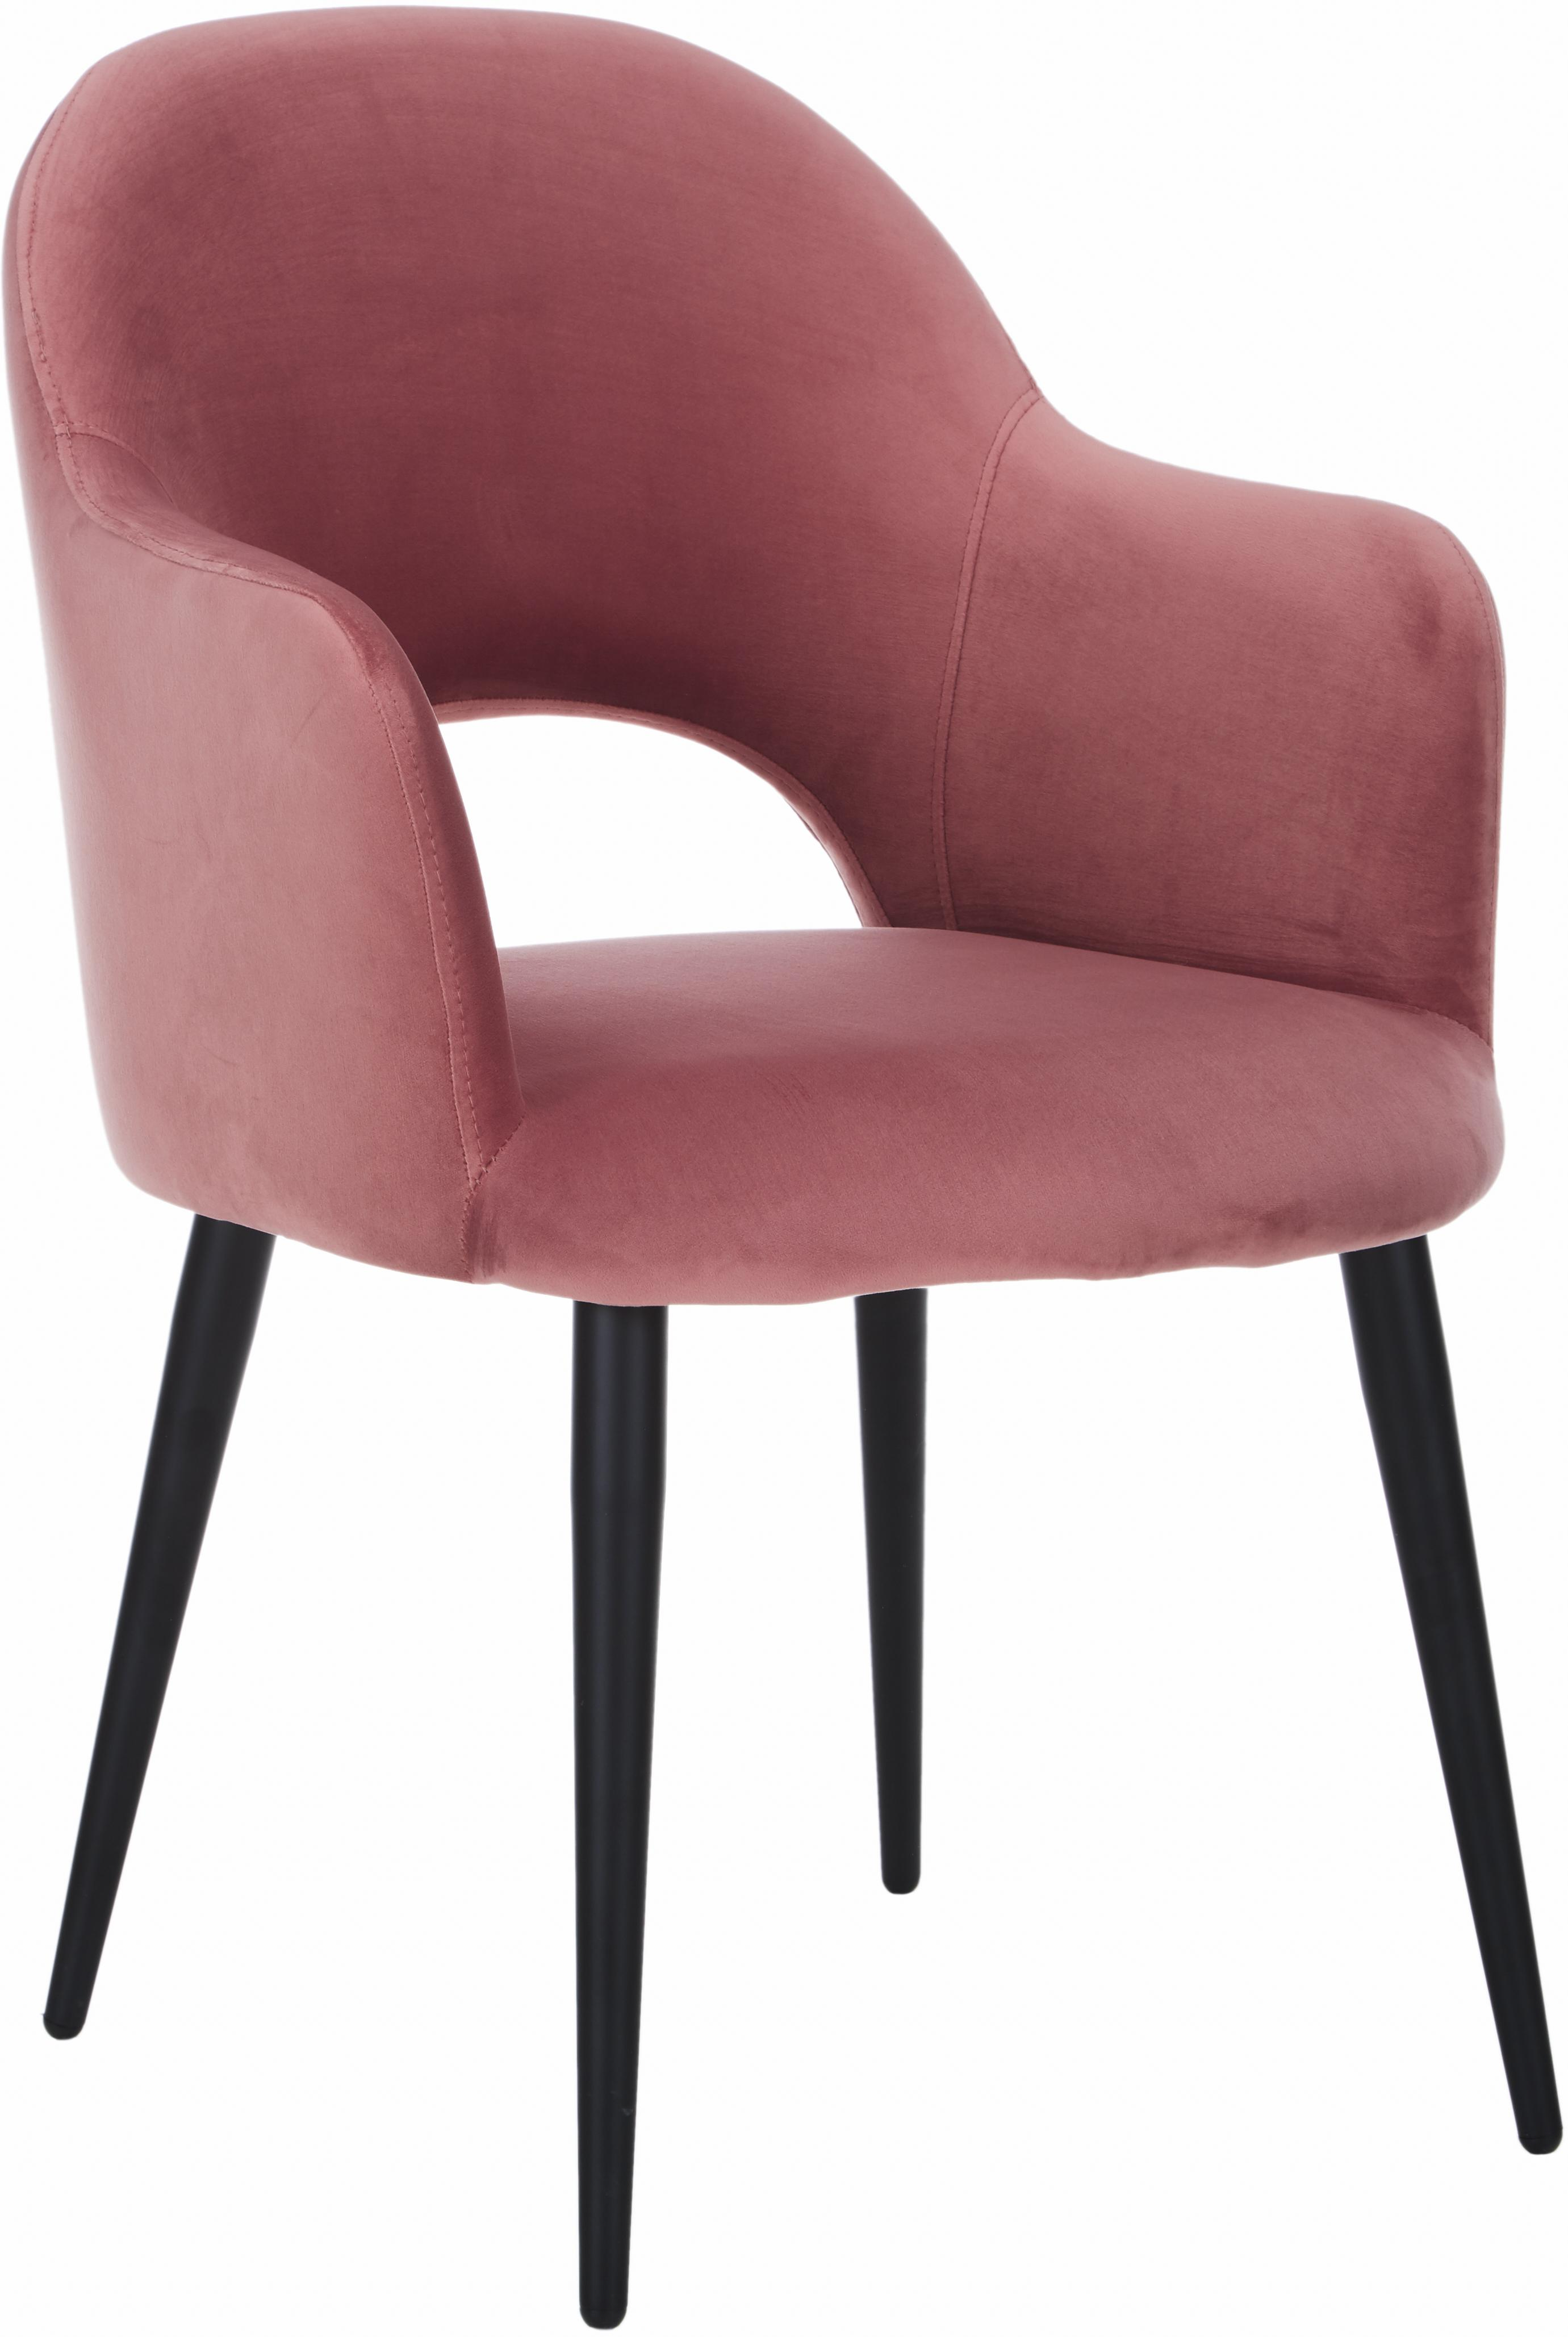 Sedia con braccioli in velluto Rachel, Rivestimento: velluto (poliestere) 50.0, Gambe: metallo verniciato a polv, Rivestimento: rosa arancione Gambe: nero opaco, Larg. 47 x Prof. 64 cm